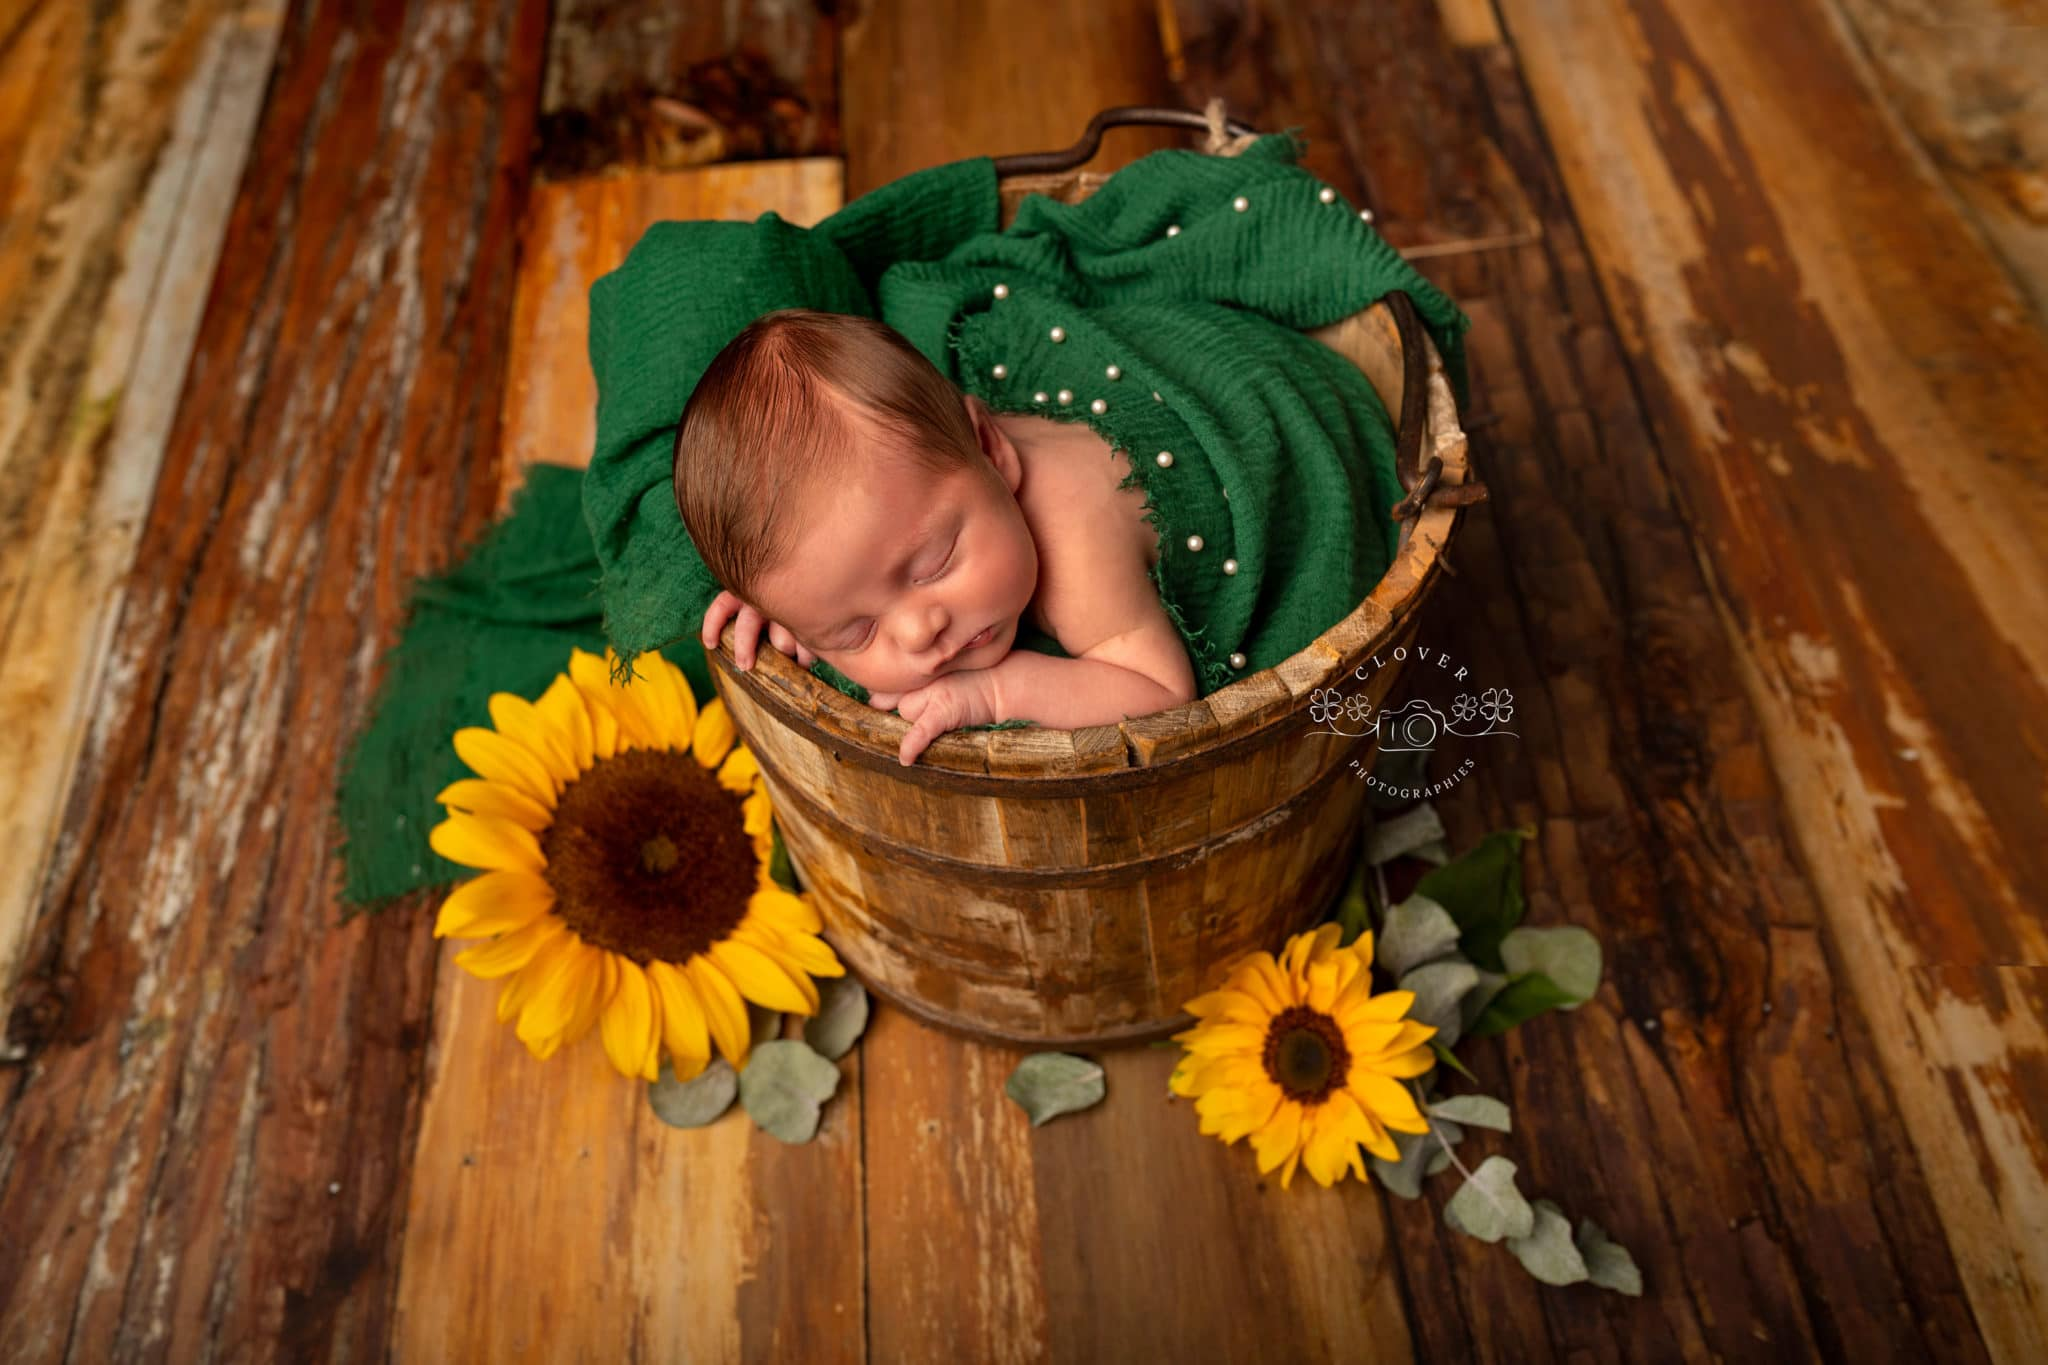 Photographe naissance bébé Strasbourg - séance phot naissance - clover photographies